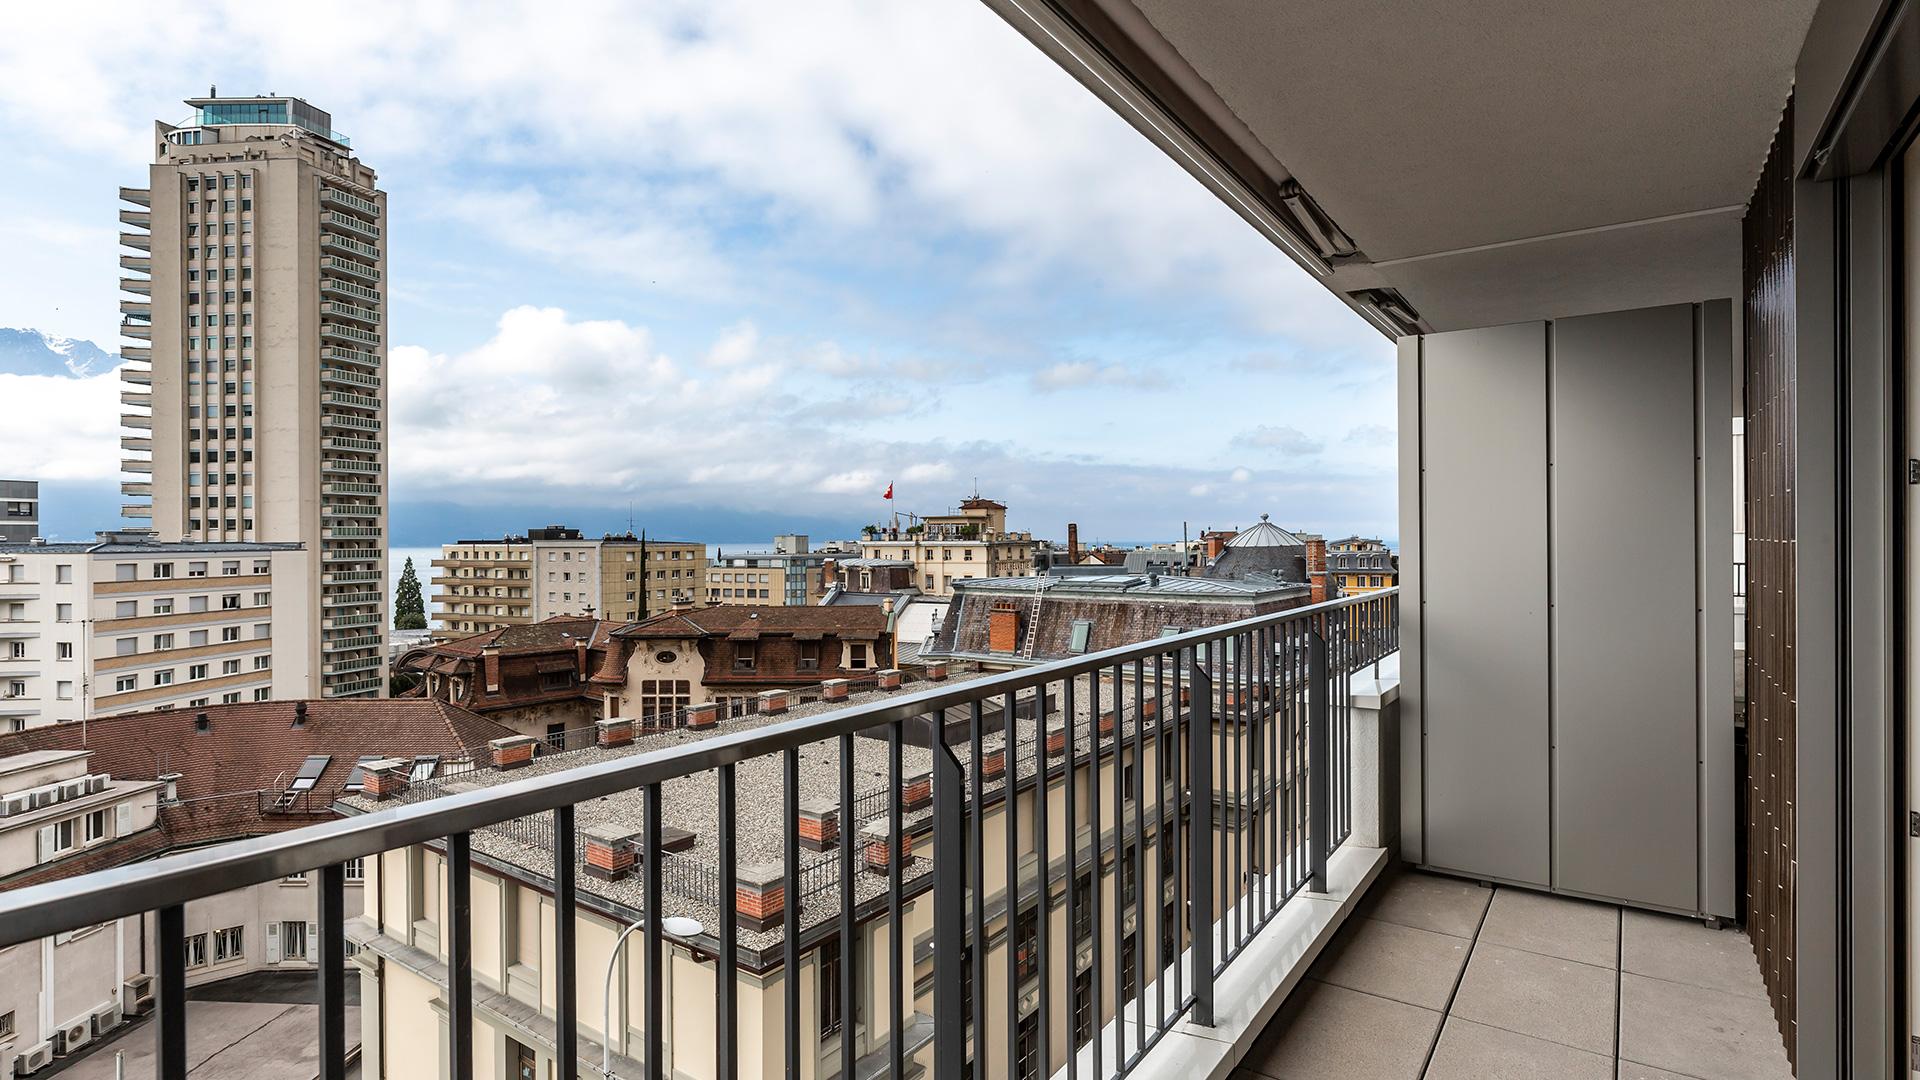 Harmony 2 Apartments, Switzerland